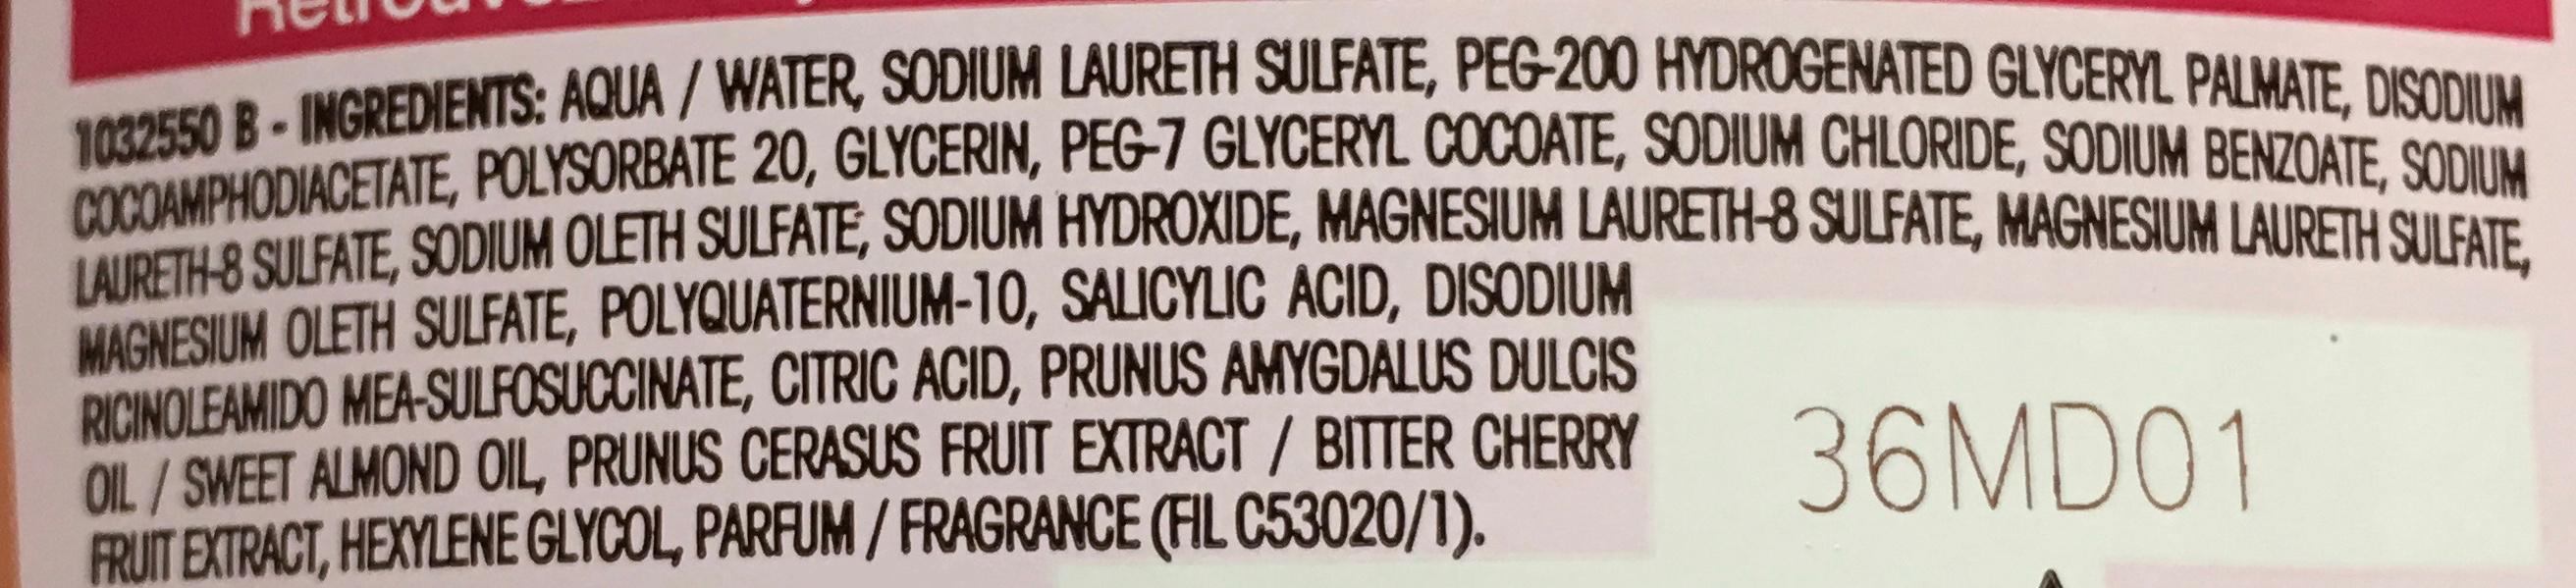 Ultra Doux Enfants Shampooing 2 en 1 à la cerise et amande douce - Ingrédients - fr